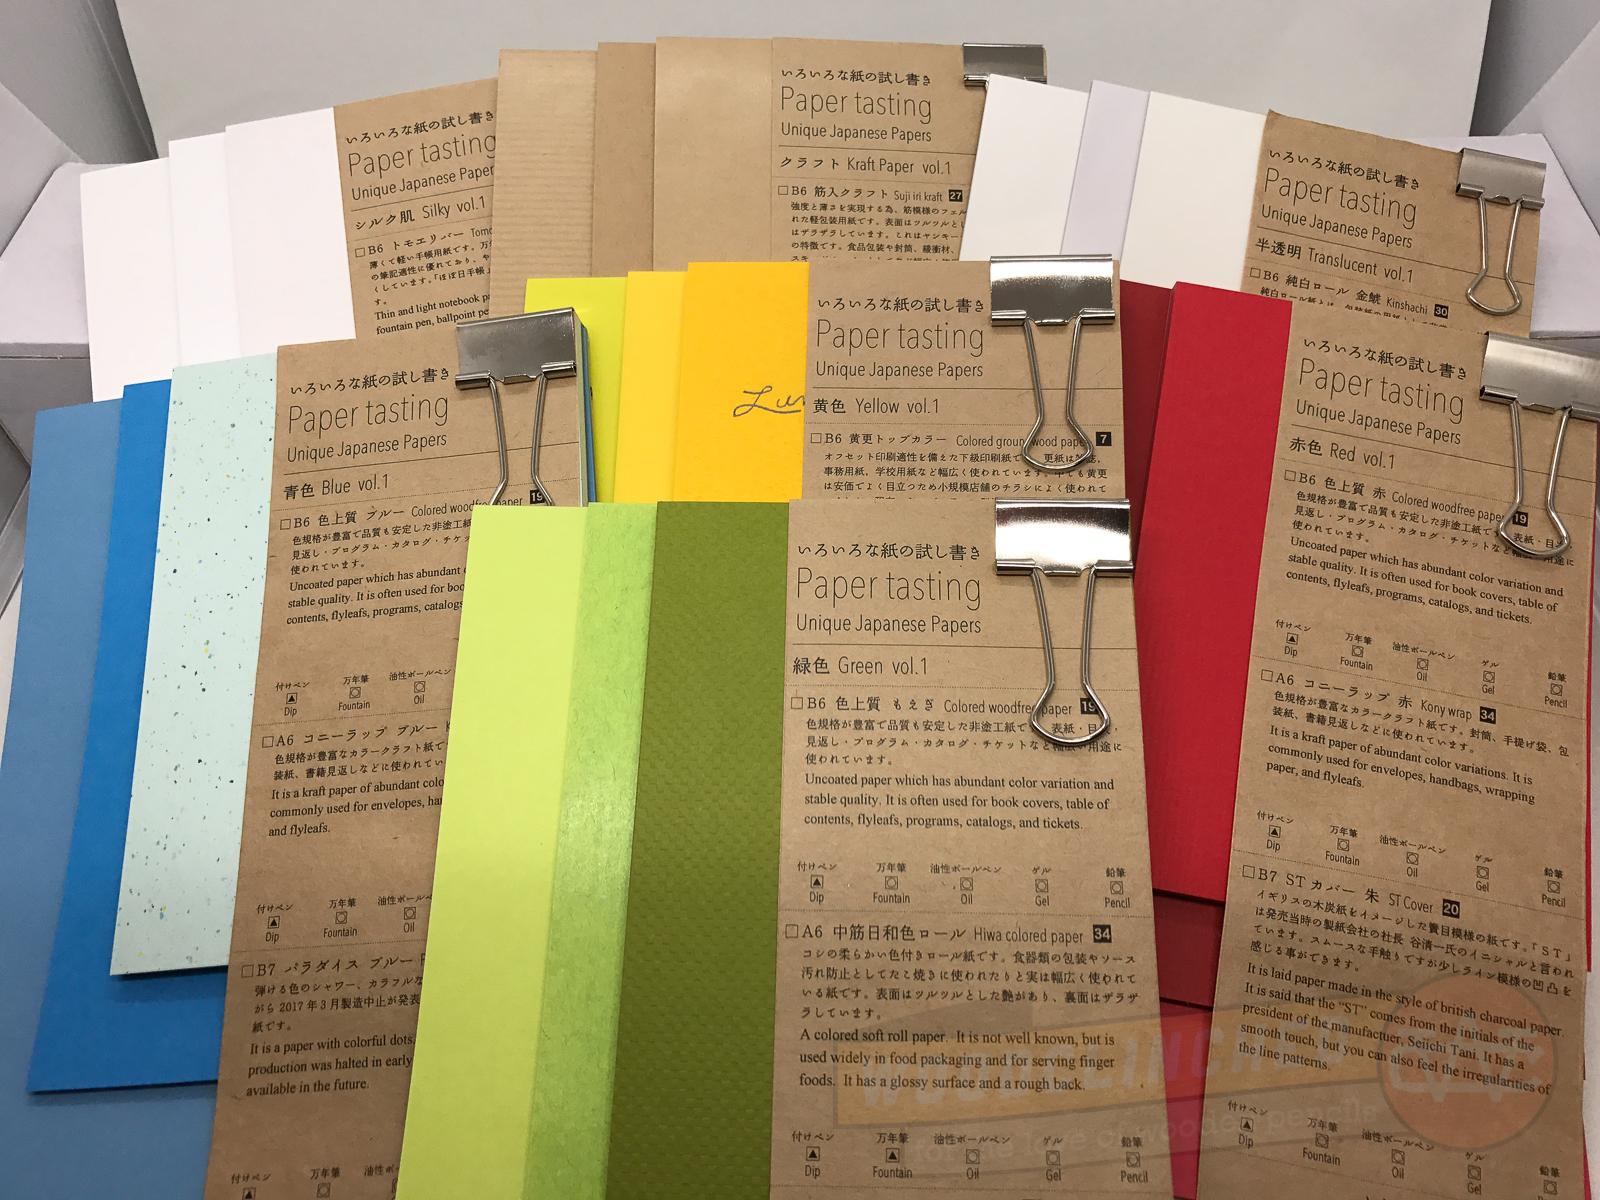 Taiko Yamamoto's Paper Tasting packs